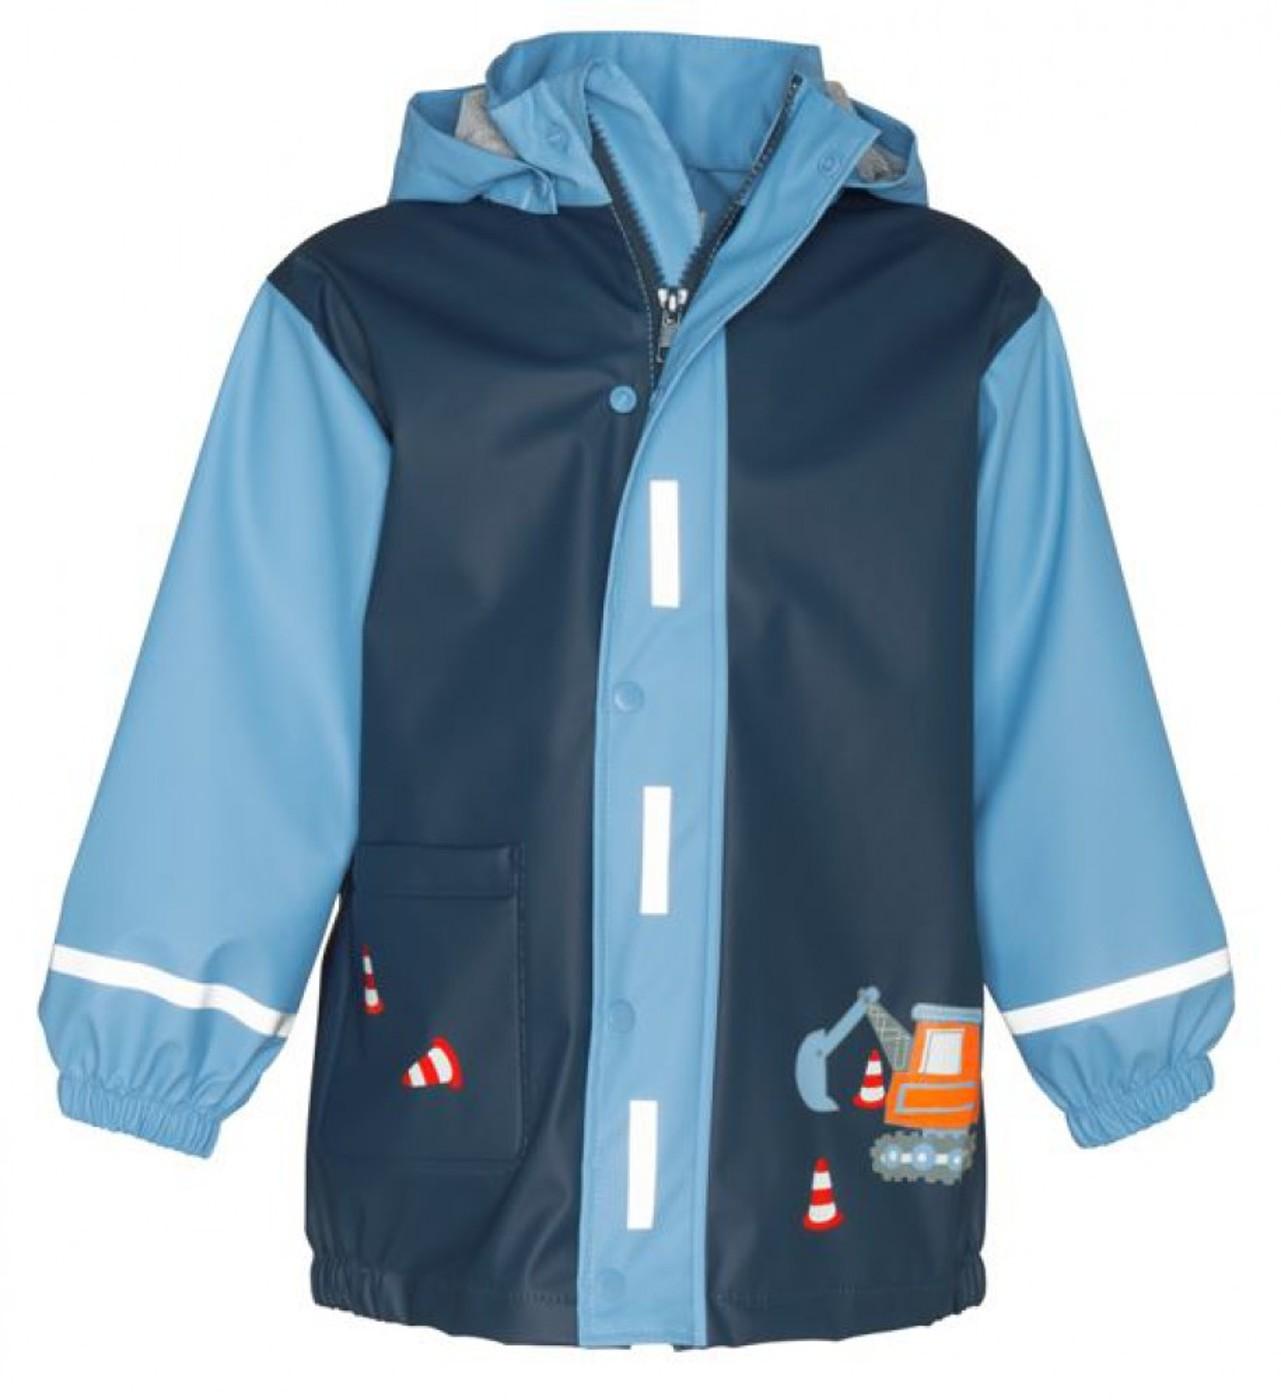 PLAYSHOES Regen-Mantel Baustelle - Kinder